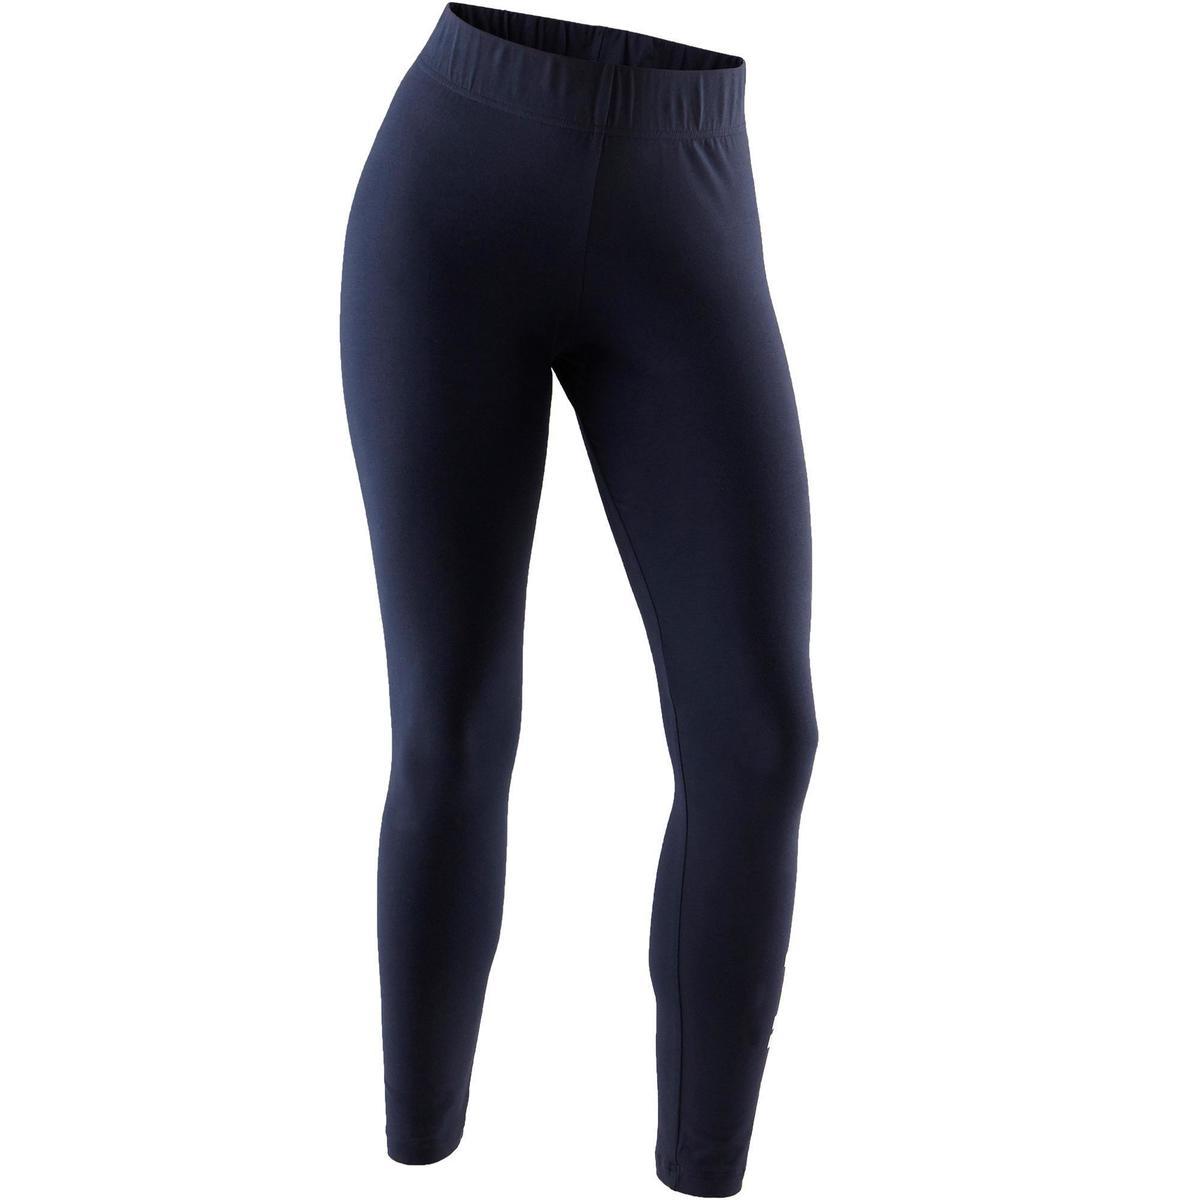 Bild 1 von Leggings Linear 500 Gym Damen weiß/blau